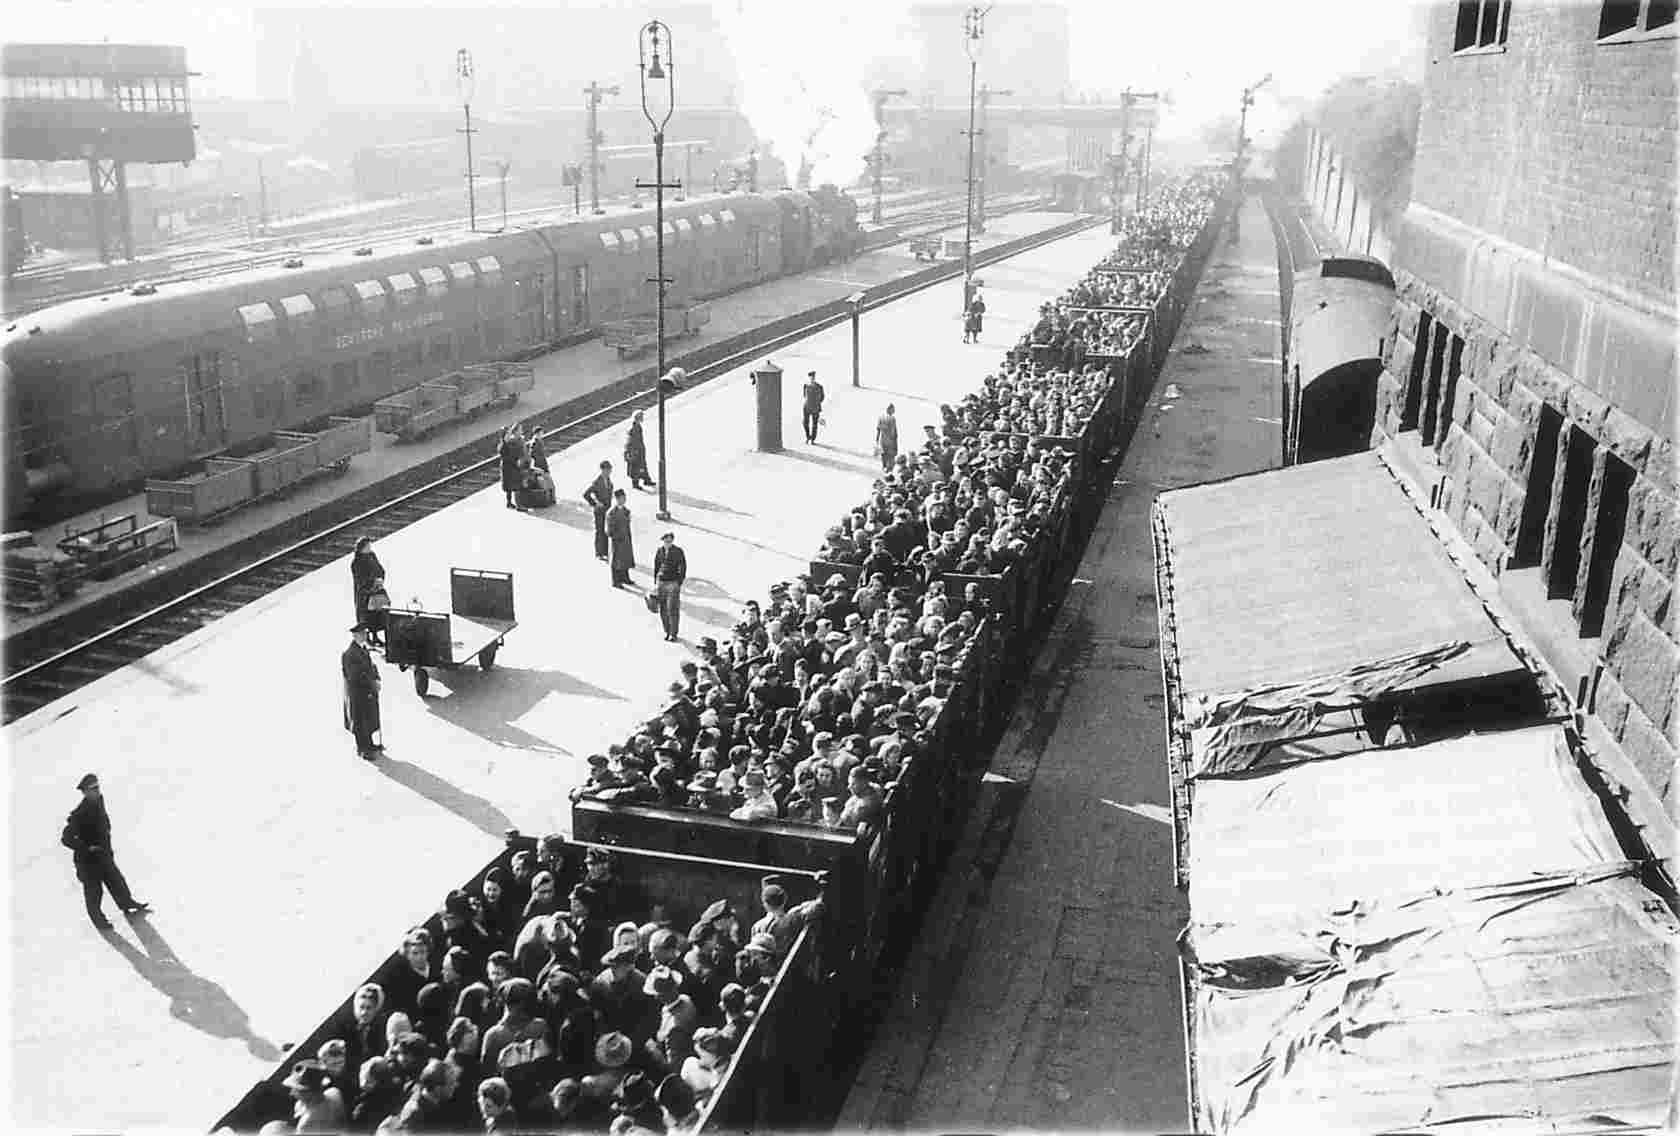 """Dans leur documentaire télévisé de 1990 intitulé ; La mort, un maître l'Allemagne, Jäcker et Rosh montrait cette photographie tandis que le commentateur disait ; """"Pendant ce temps,  des dizaines de milliers de Juifs en Roumanie étaient entassés dans des wagons à bestiaux et expédiés vers les chambres à gaz d'Auschwitz."""